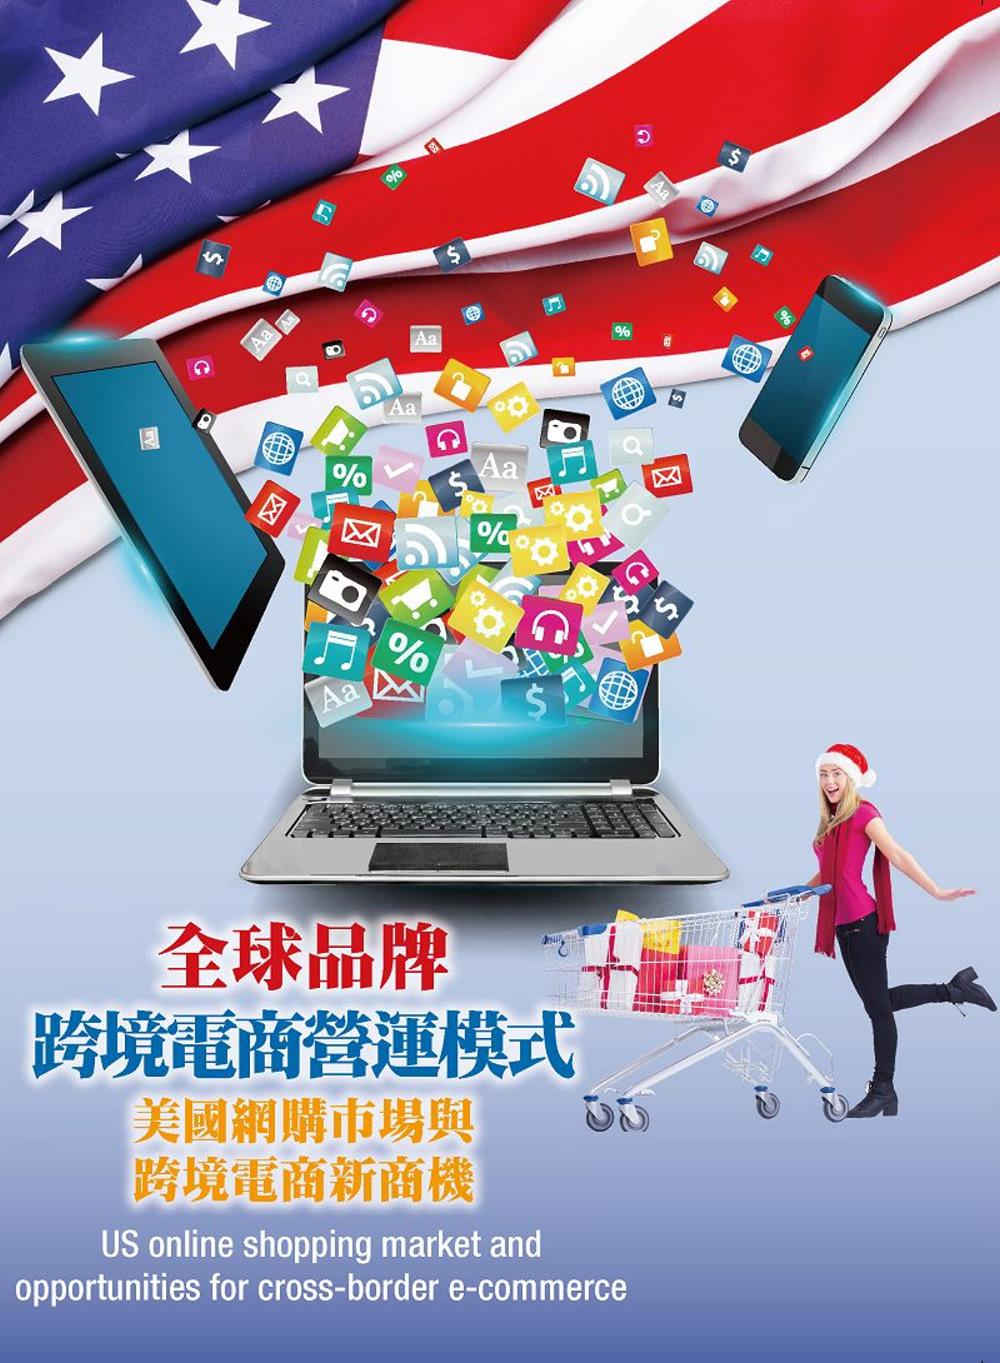 全球品牌跨境電商營運模式:美國網購市場與跨境電商新商機